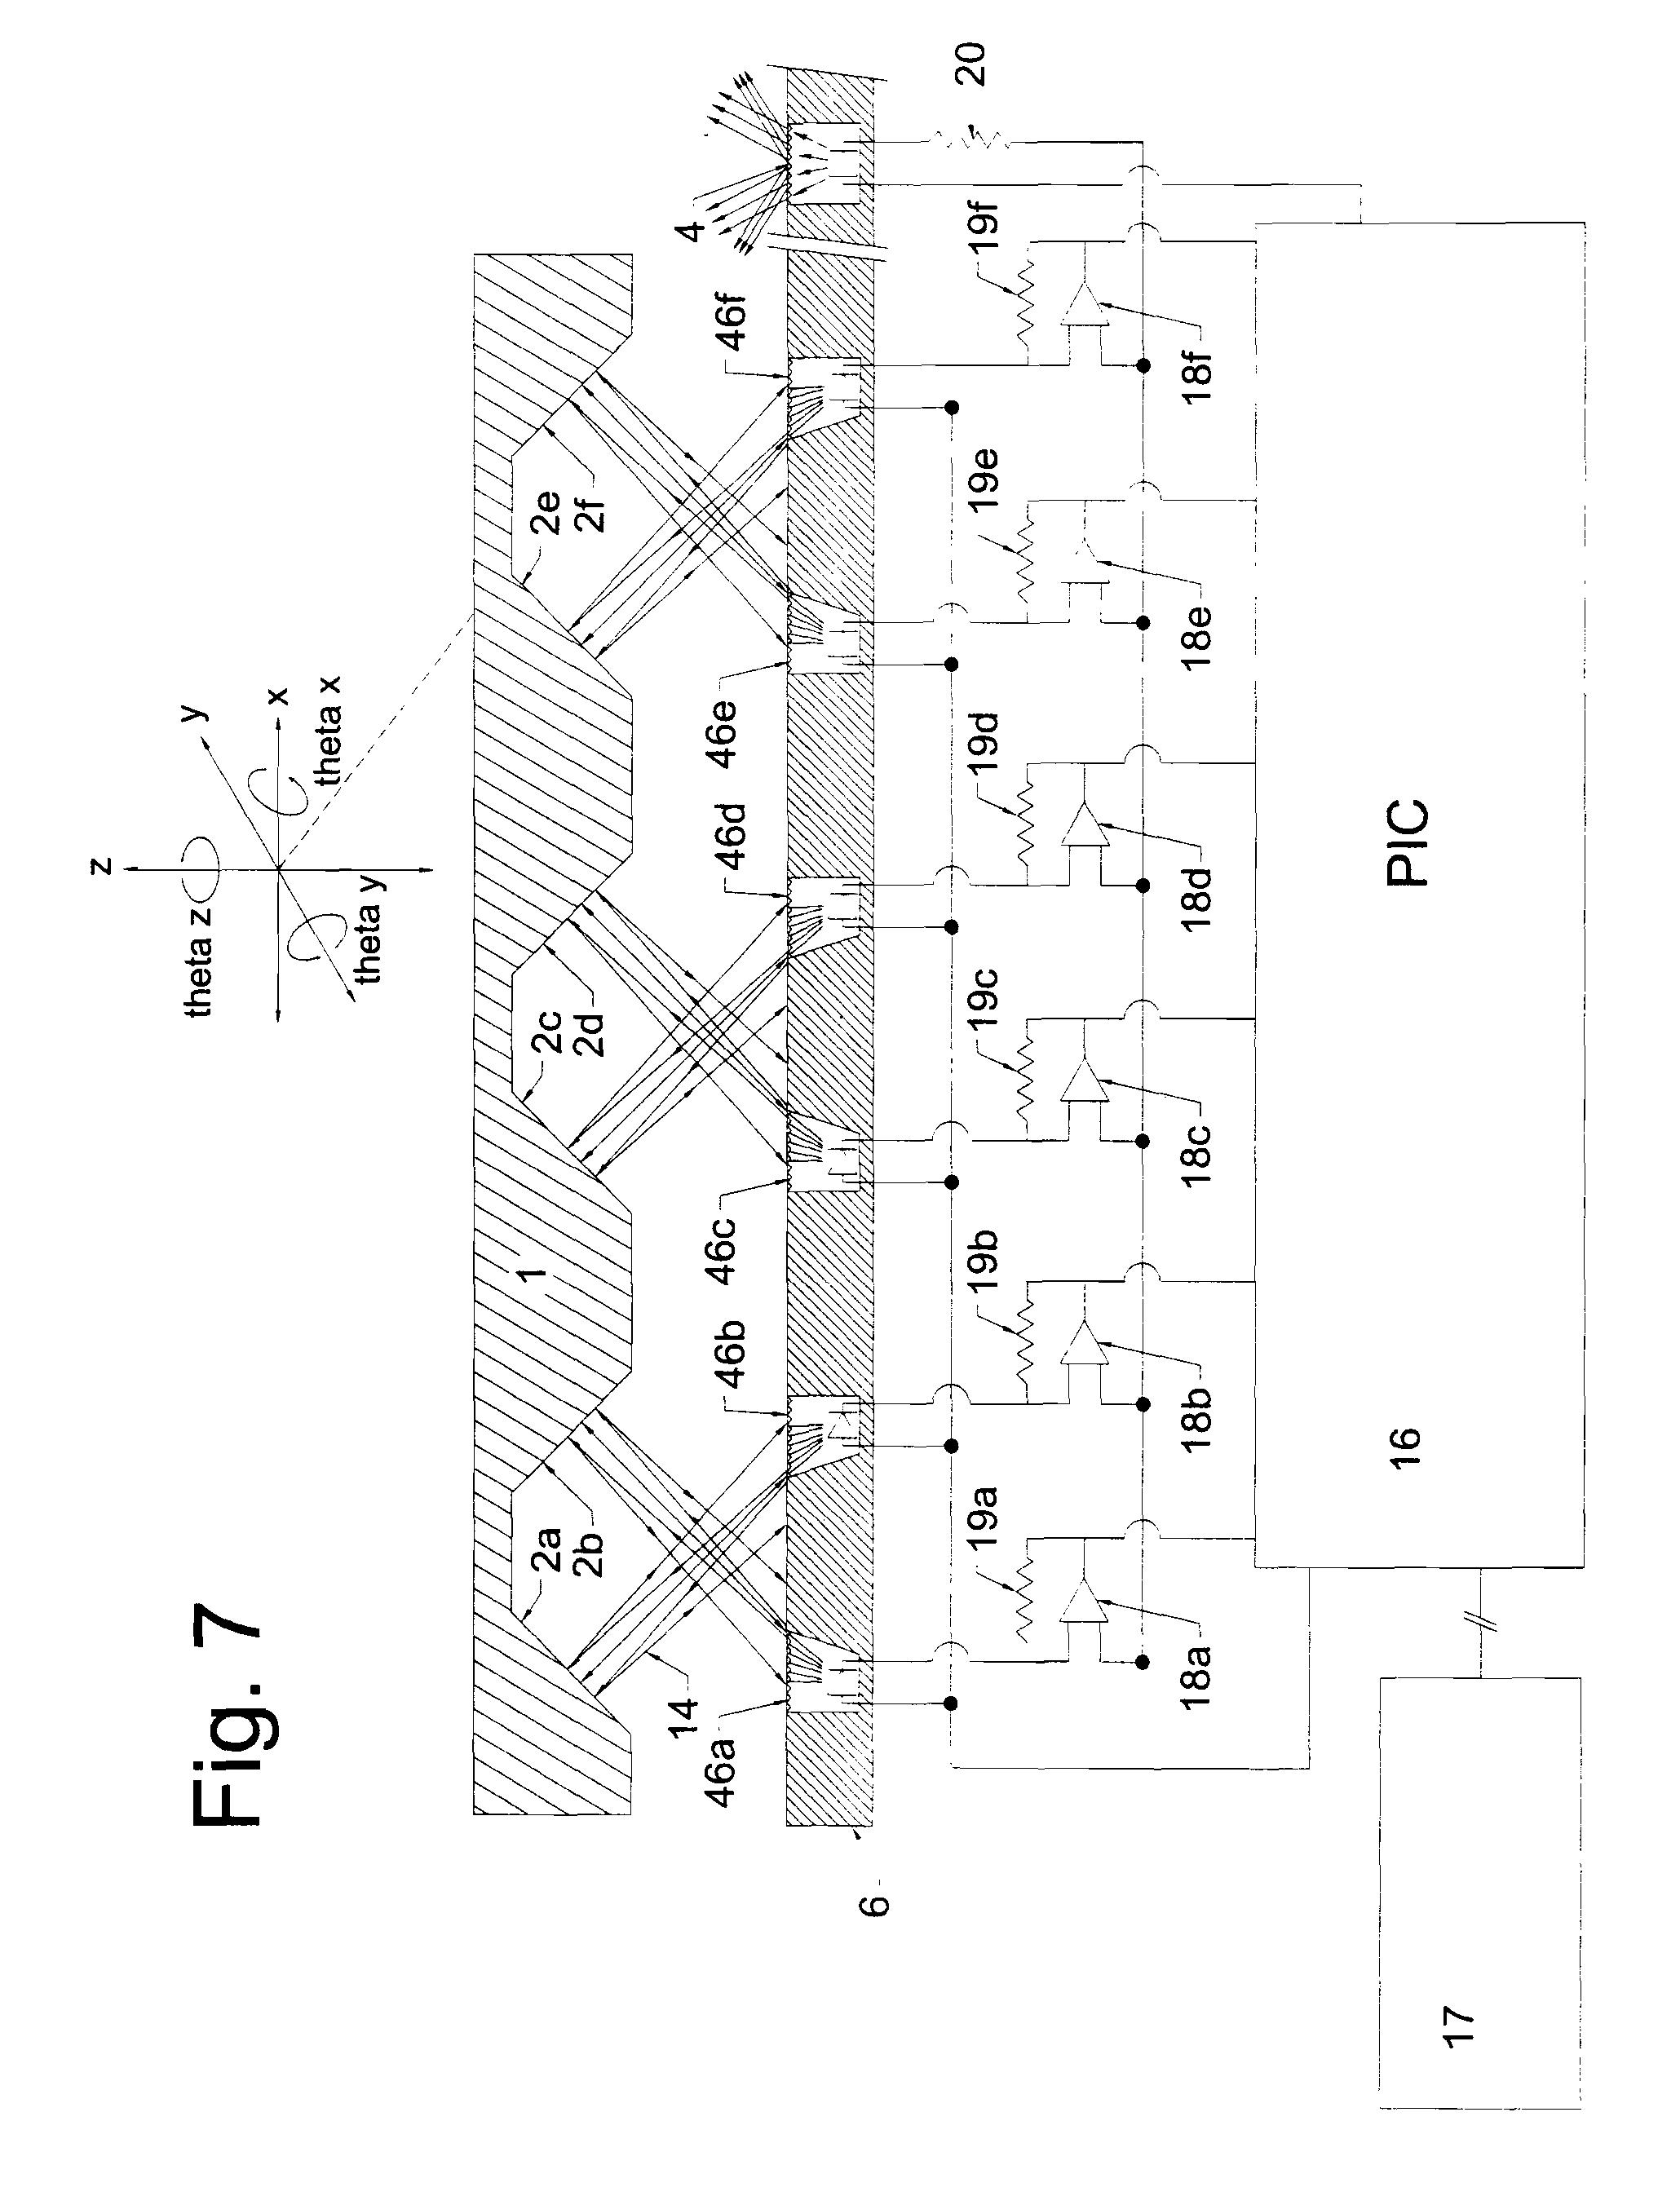 Patent Us 8094121 B2 Lvdt Wiring Polarity Designation Diagram